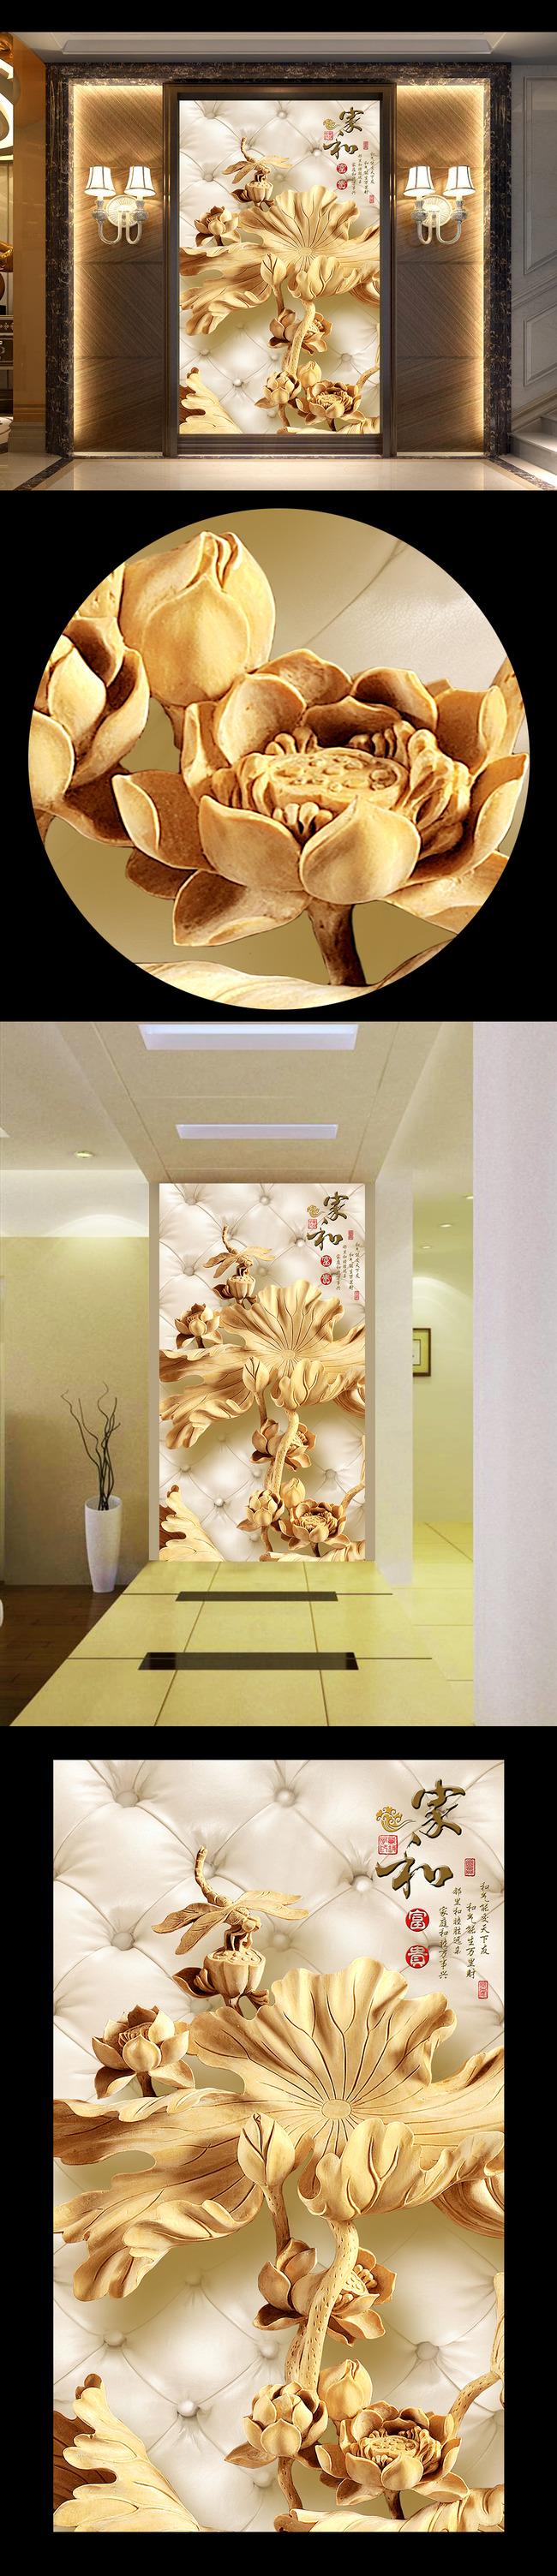 立体木雕荷花家和富贵软包玄关背景墙